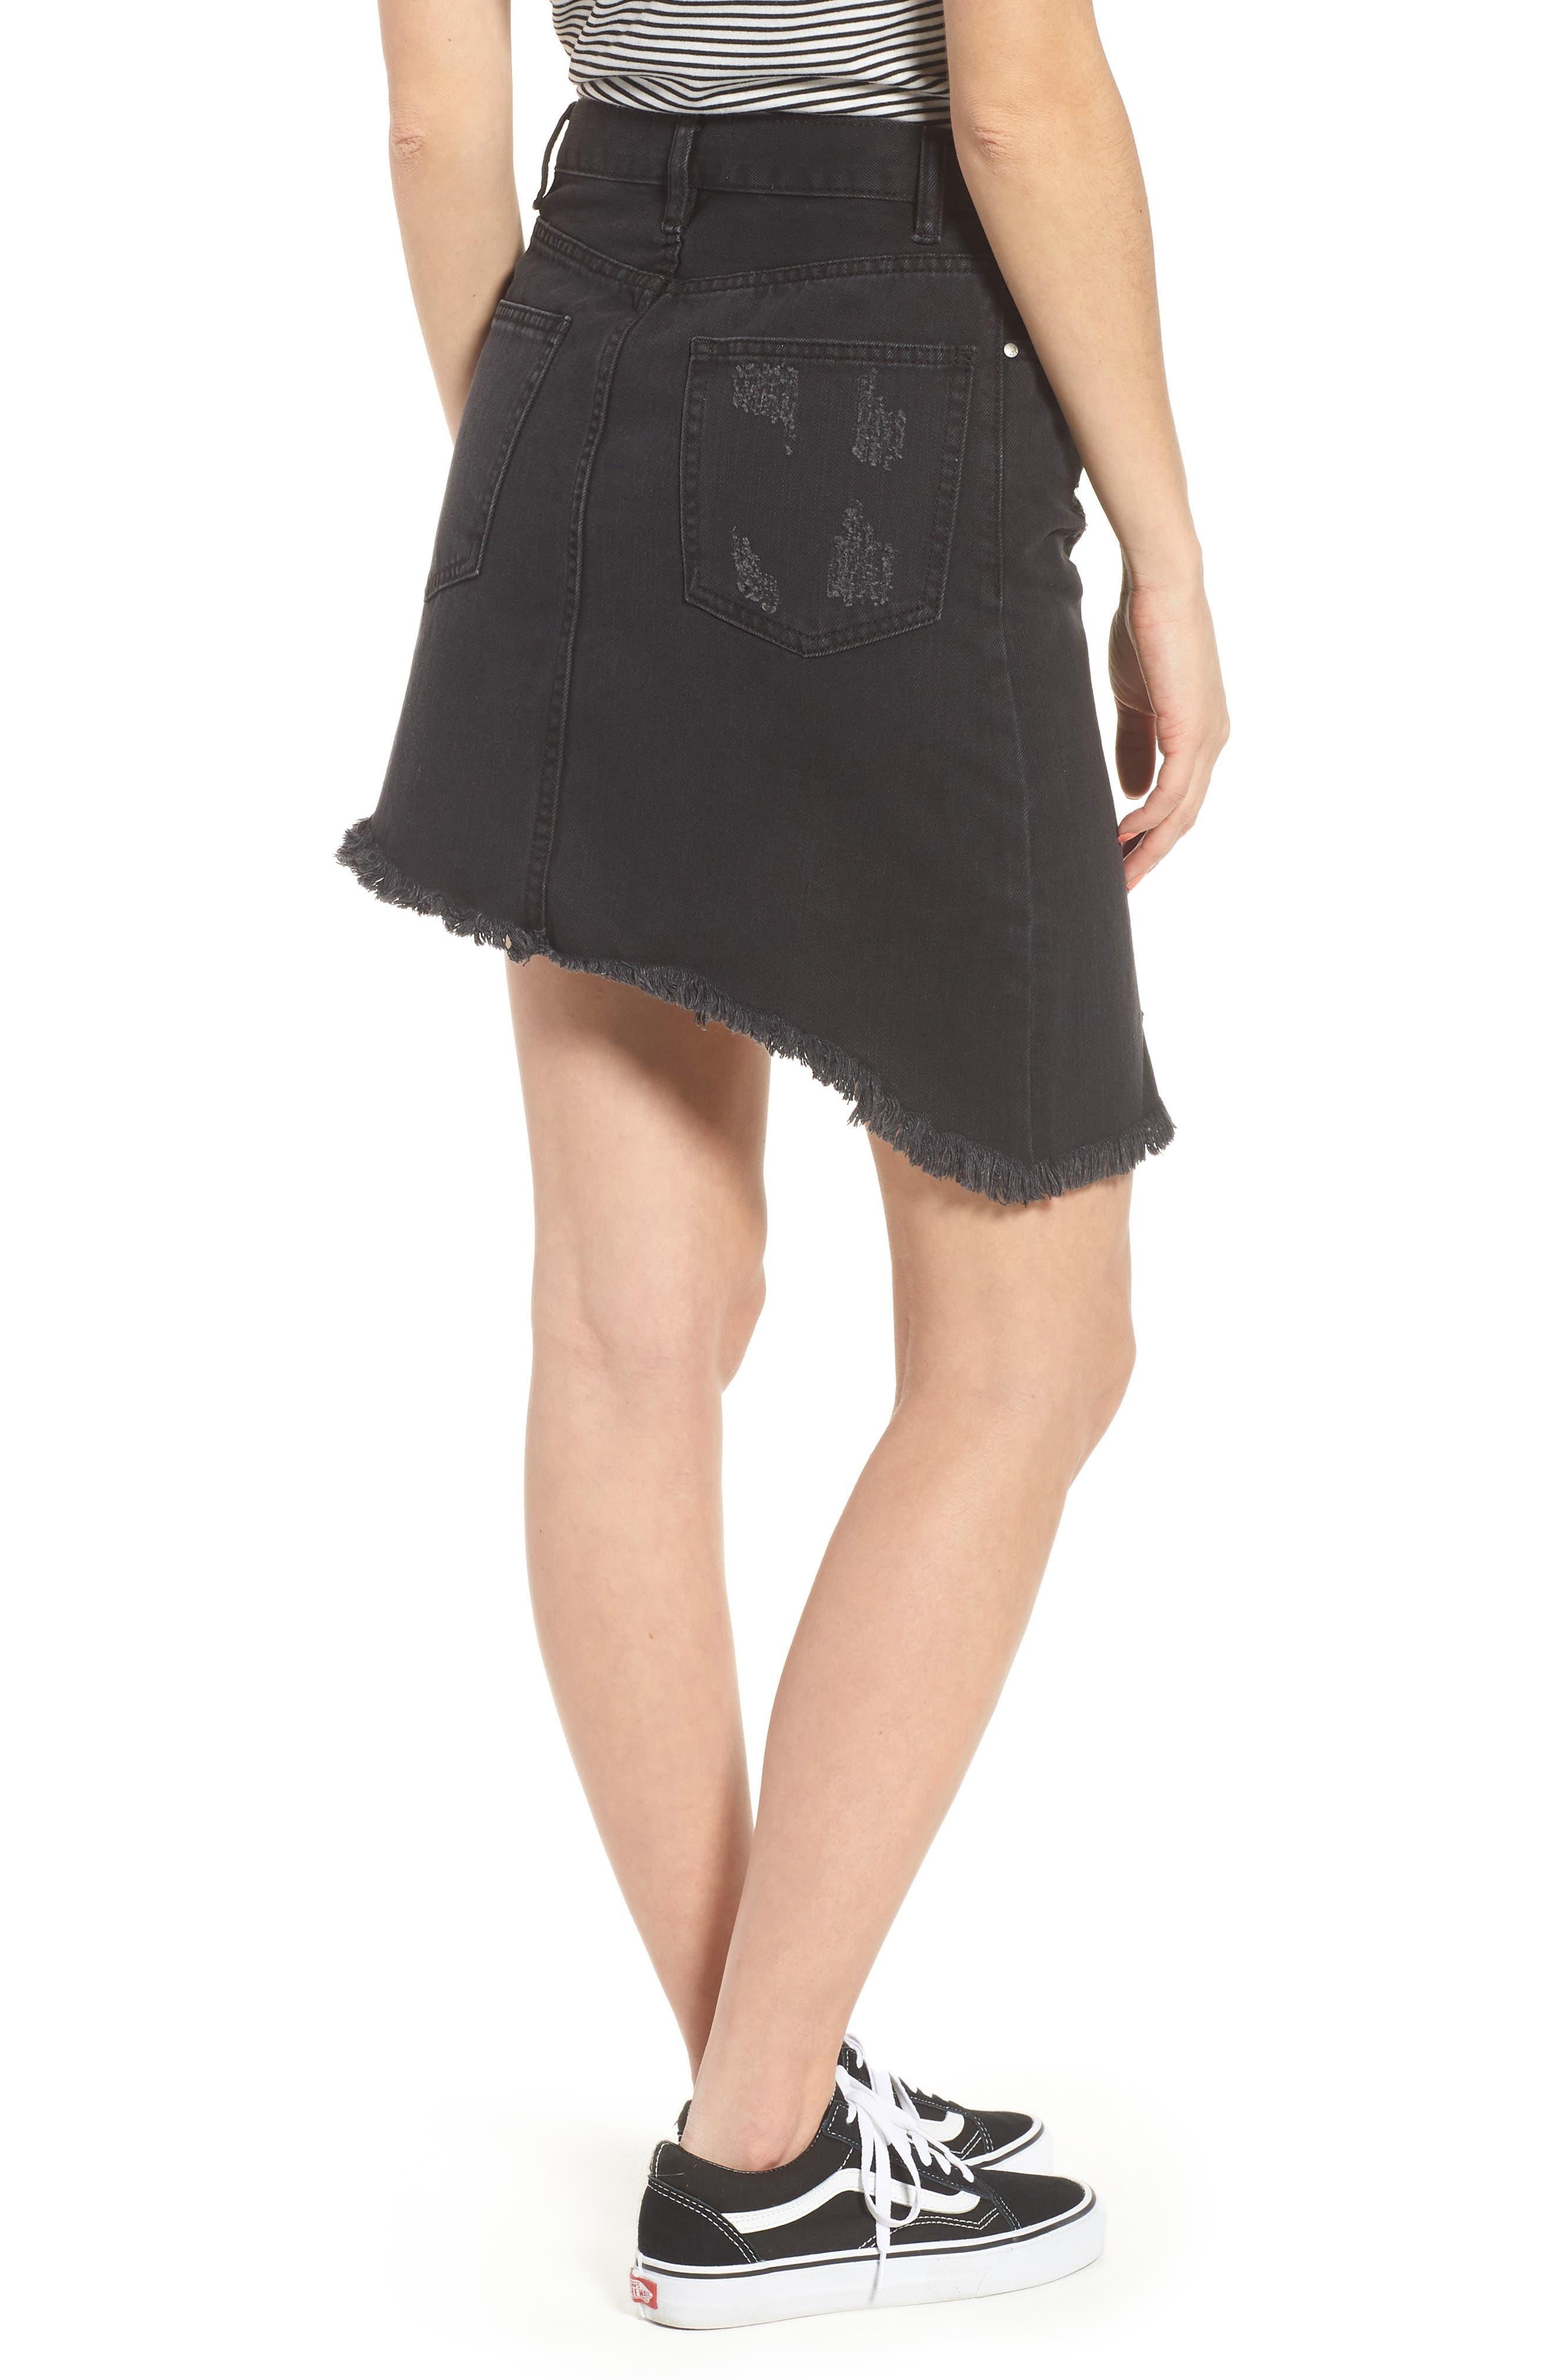 EVDNT Modena Asymmetrical Denim Skirt,                             Alternate thumbnail 2, color,                             001